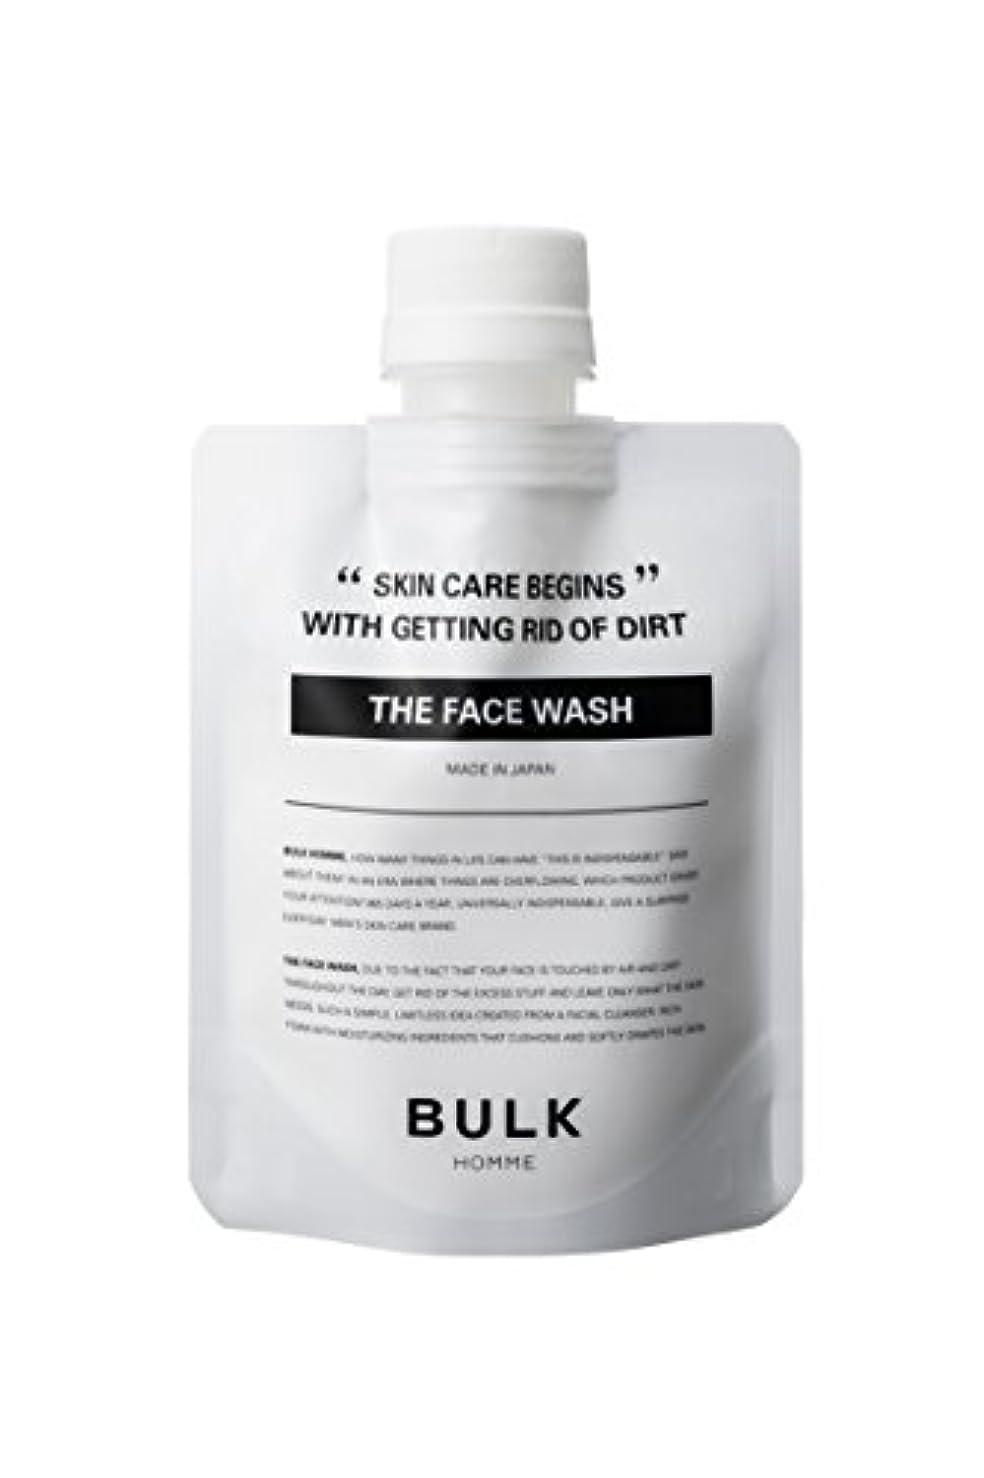 ハンサム弾丸三番BULK HOMME THE FACE WASH 洗顔料 100g